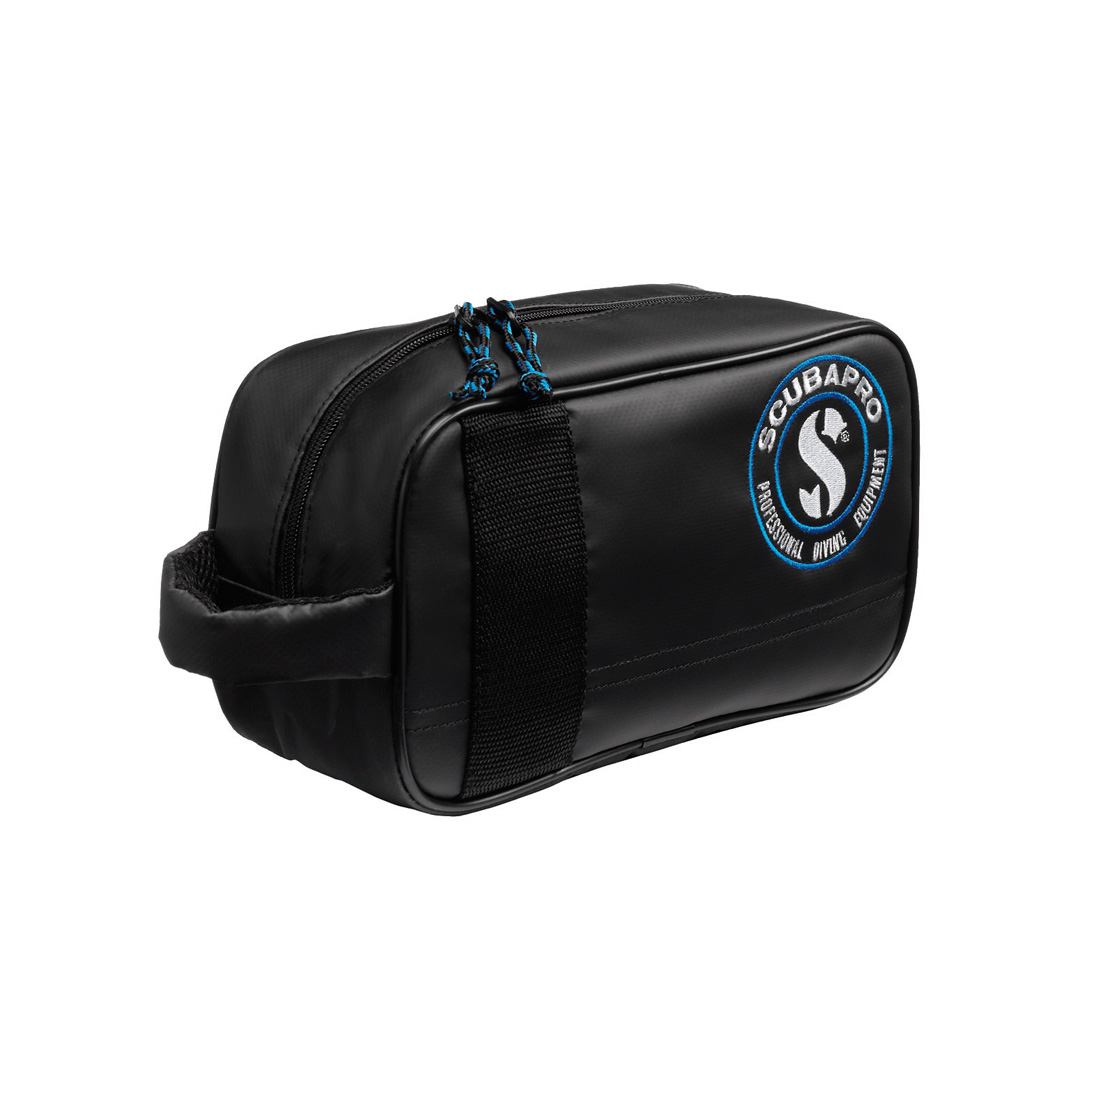 Scubapro Travel Kit Bag